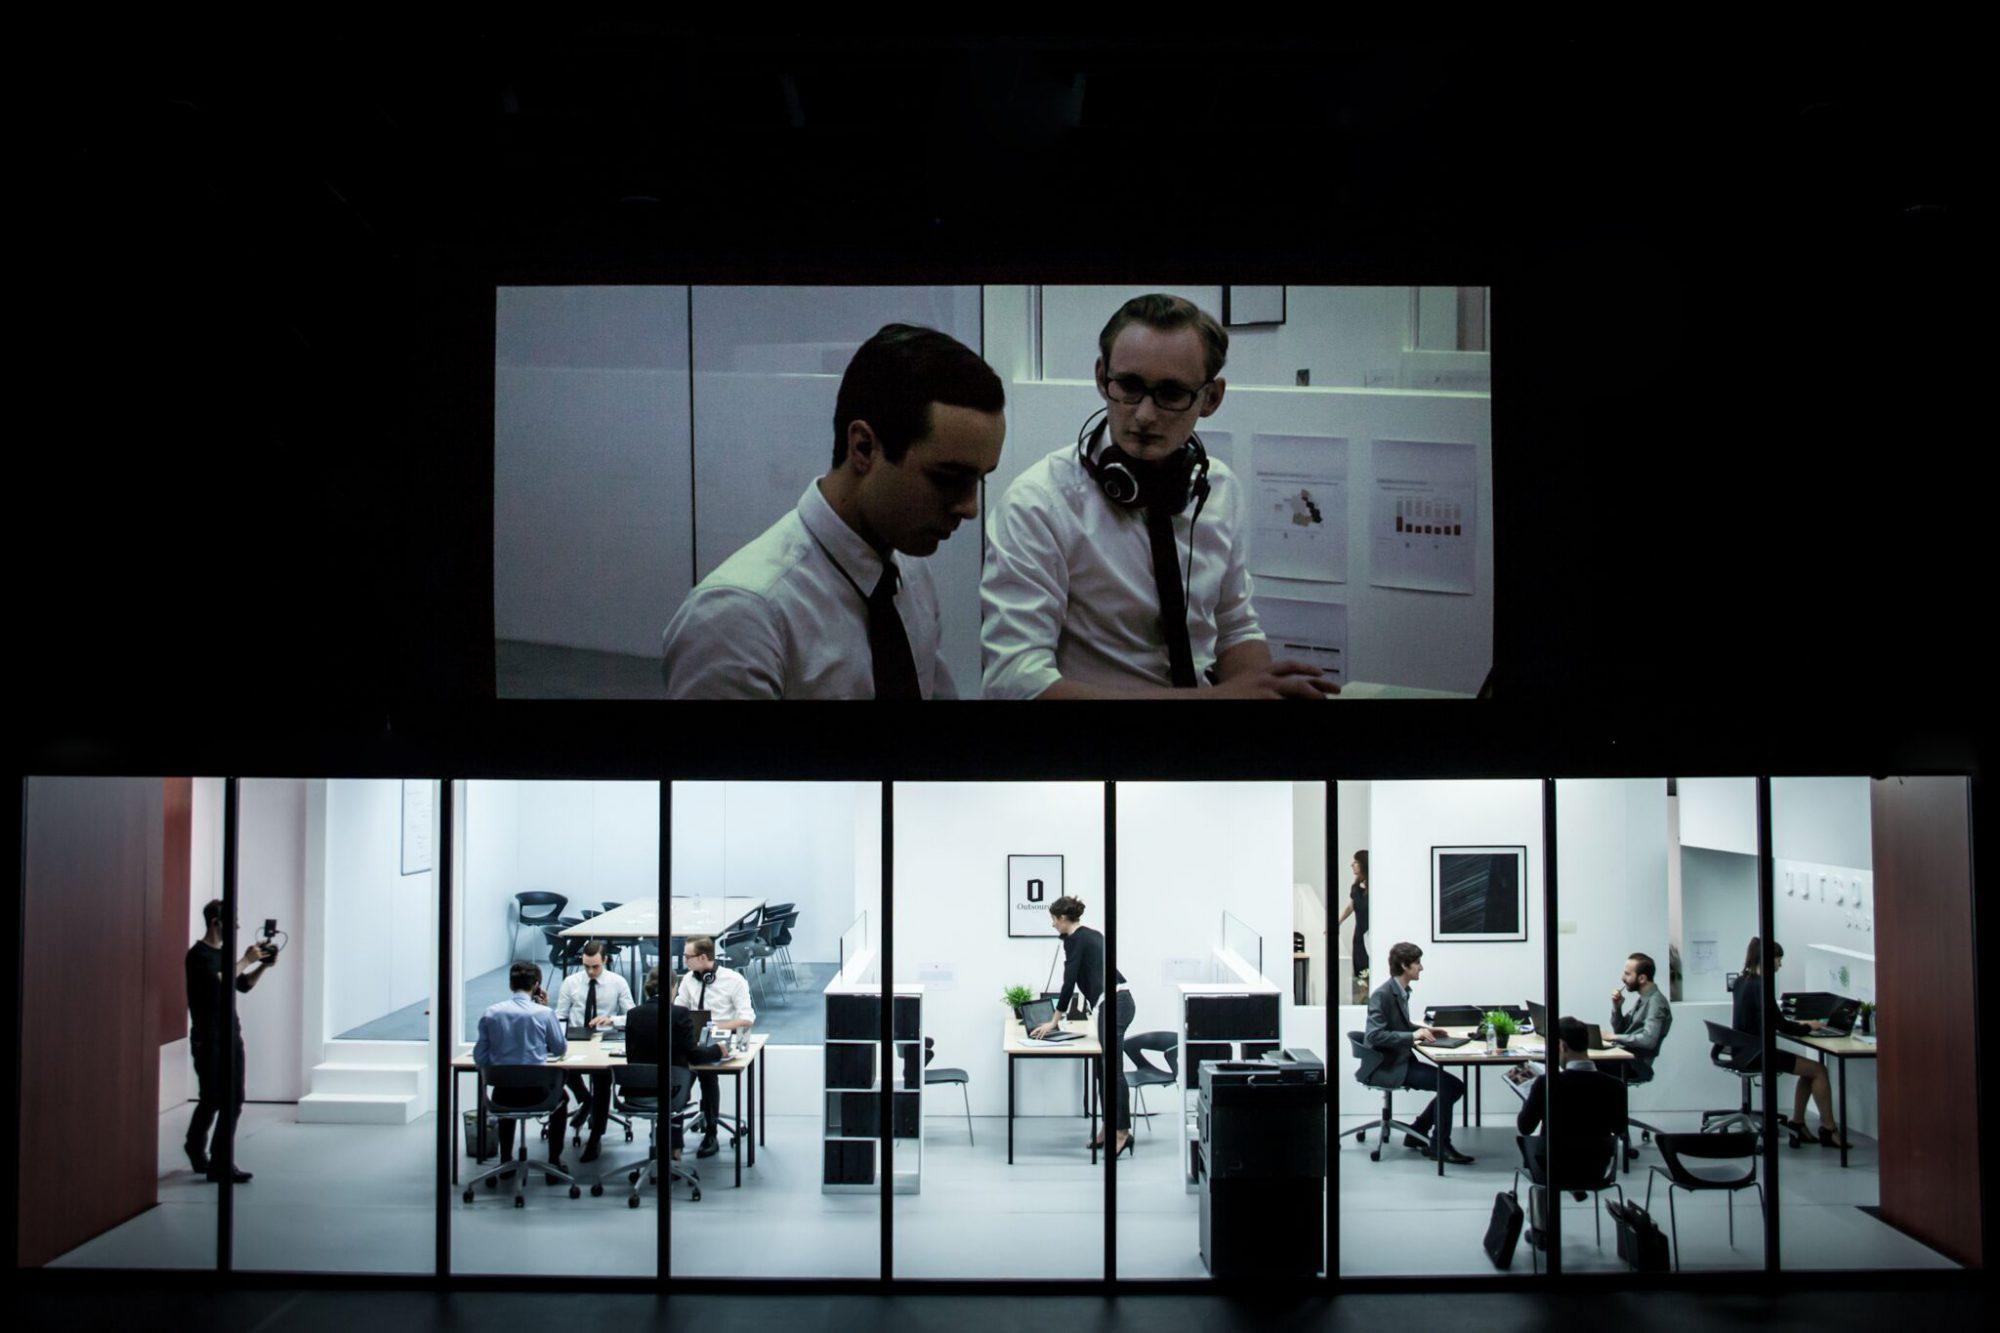 La présence de cameramans sur scène évoque la surveillance et le besoin de justifier en permanence sa place dans le monde du travail actuel.